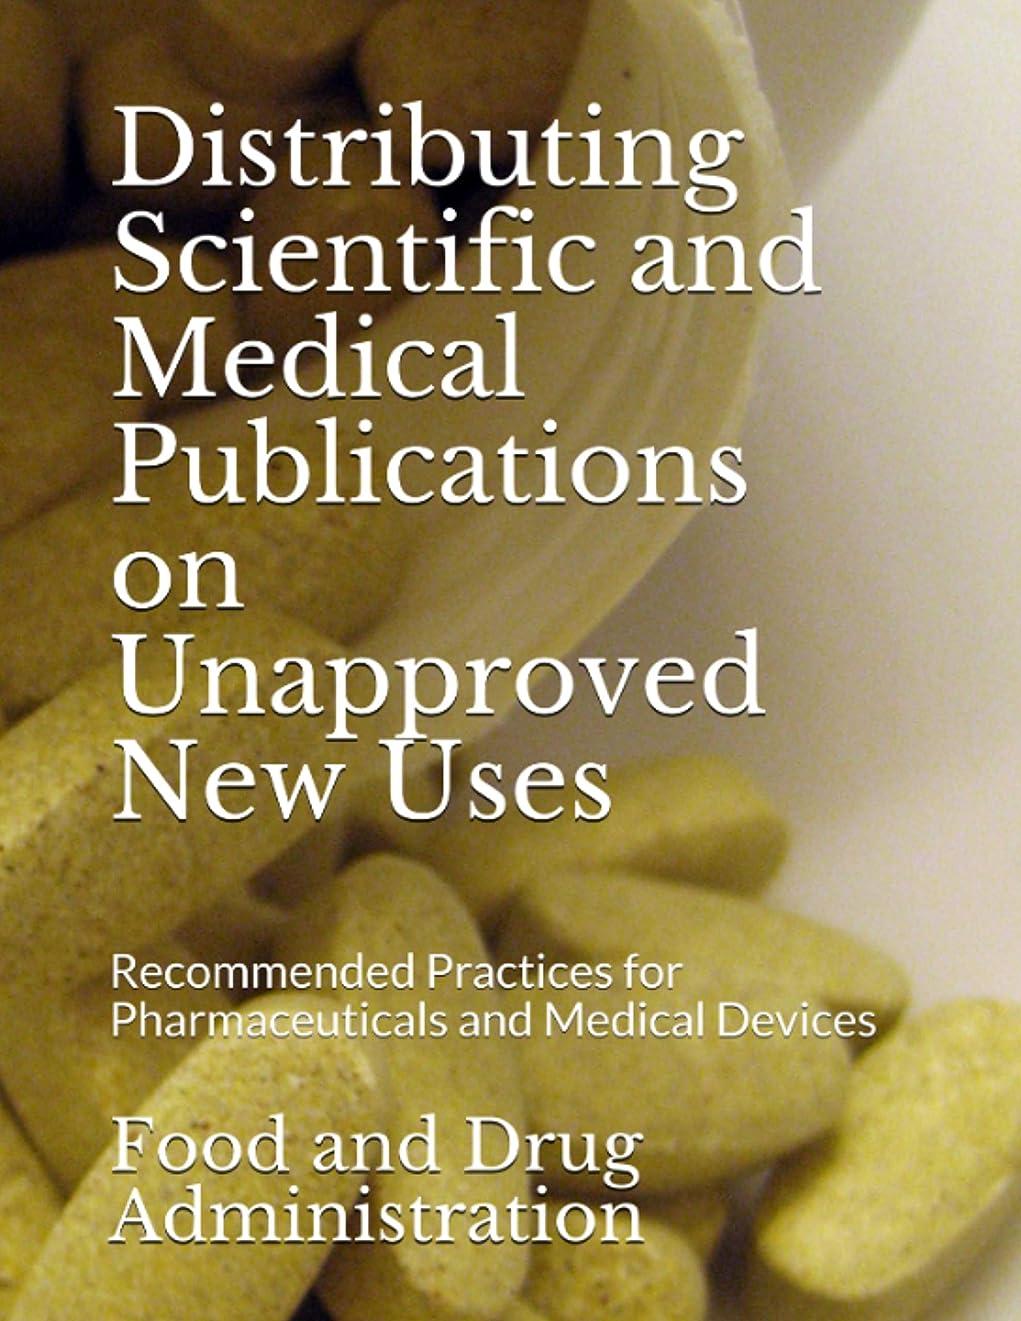 報酬のラベ換気Distributing Scientific and Medical Publications on Unapproved New Uses: Recommended Practices for Pharmaceuticals and Medical Devices (English Edition)